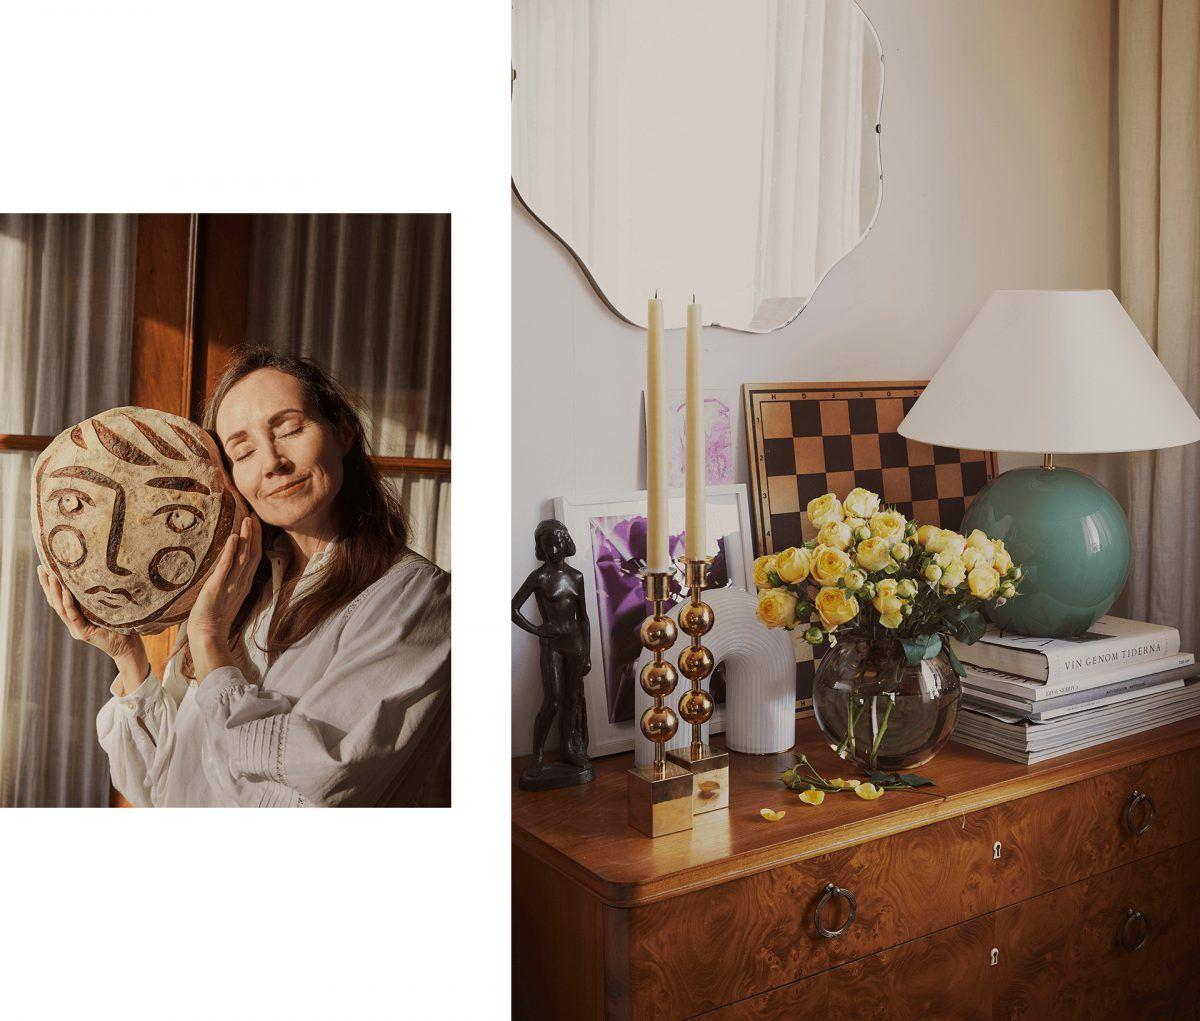 Homestory mit FermLIVING und Linda Ring. 2 Bilder. Auf dem linken Bild hält eine Frau ein rundes Brot hoch und lehnt ihren Kopf lächelnd und mit geschlossenen Augen an ihn. Bild 2: antike Kommode. Darauf stehen unter anderem 2 Kerzenhalter, eine Glasvase mit gelben Rosen und eine Tischleuchte.